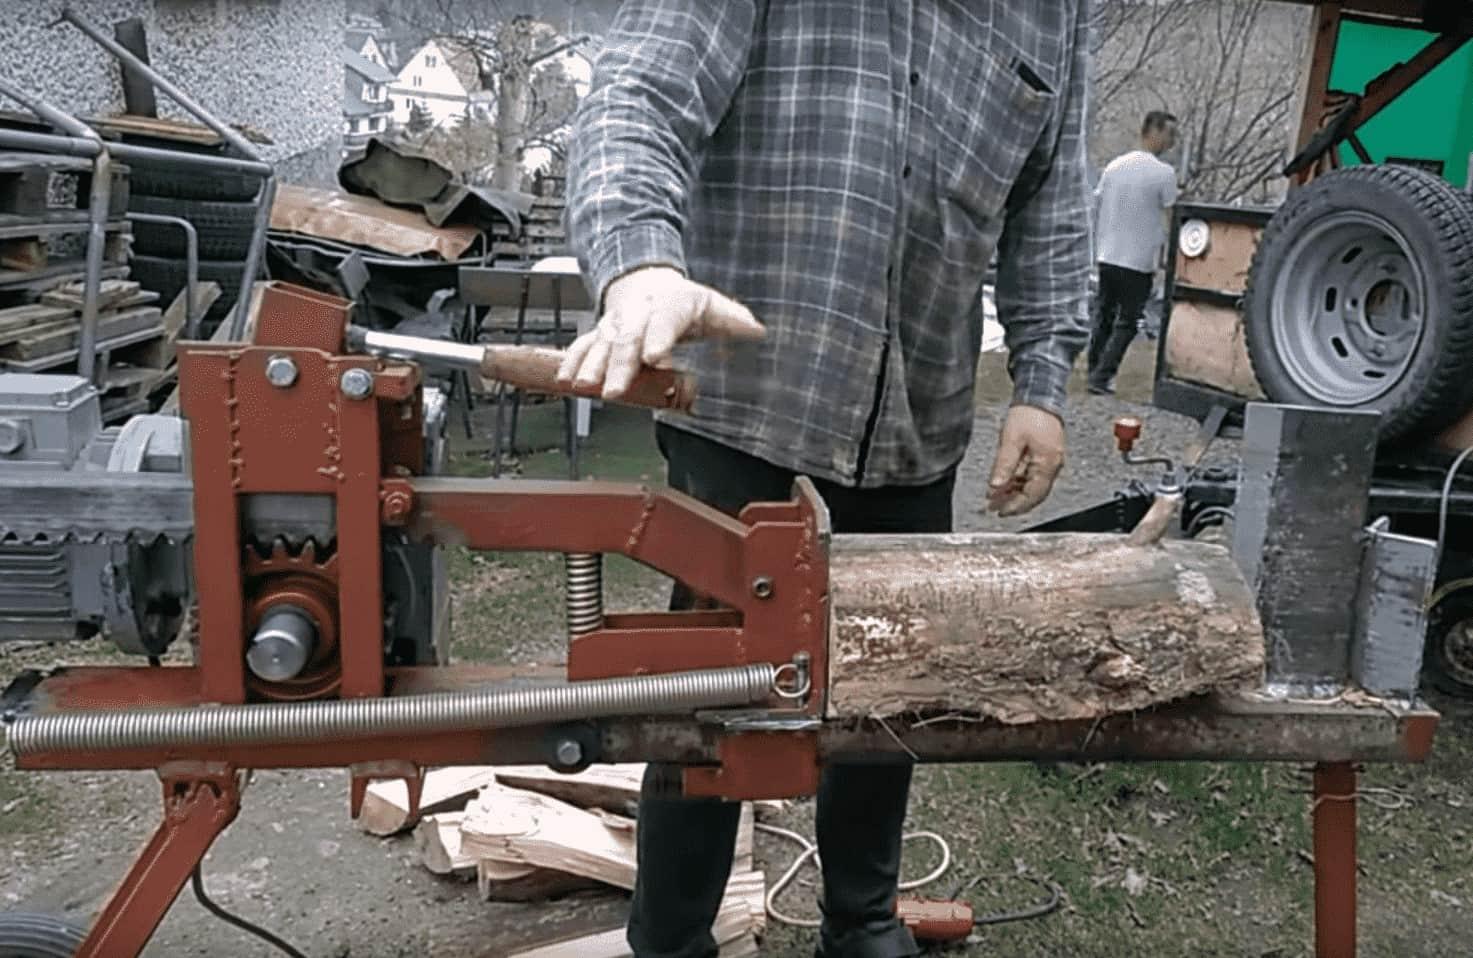 Приспособления для колки дров: типы колунов для поленьев, особенности выбора